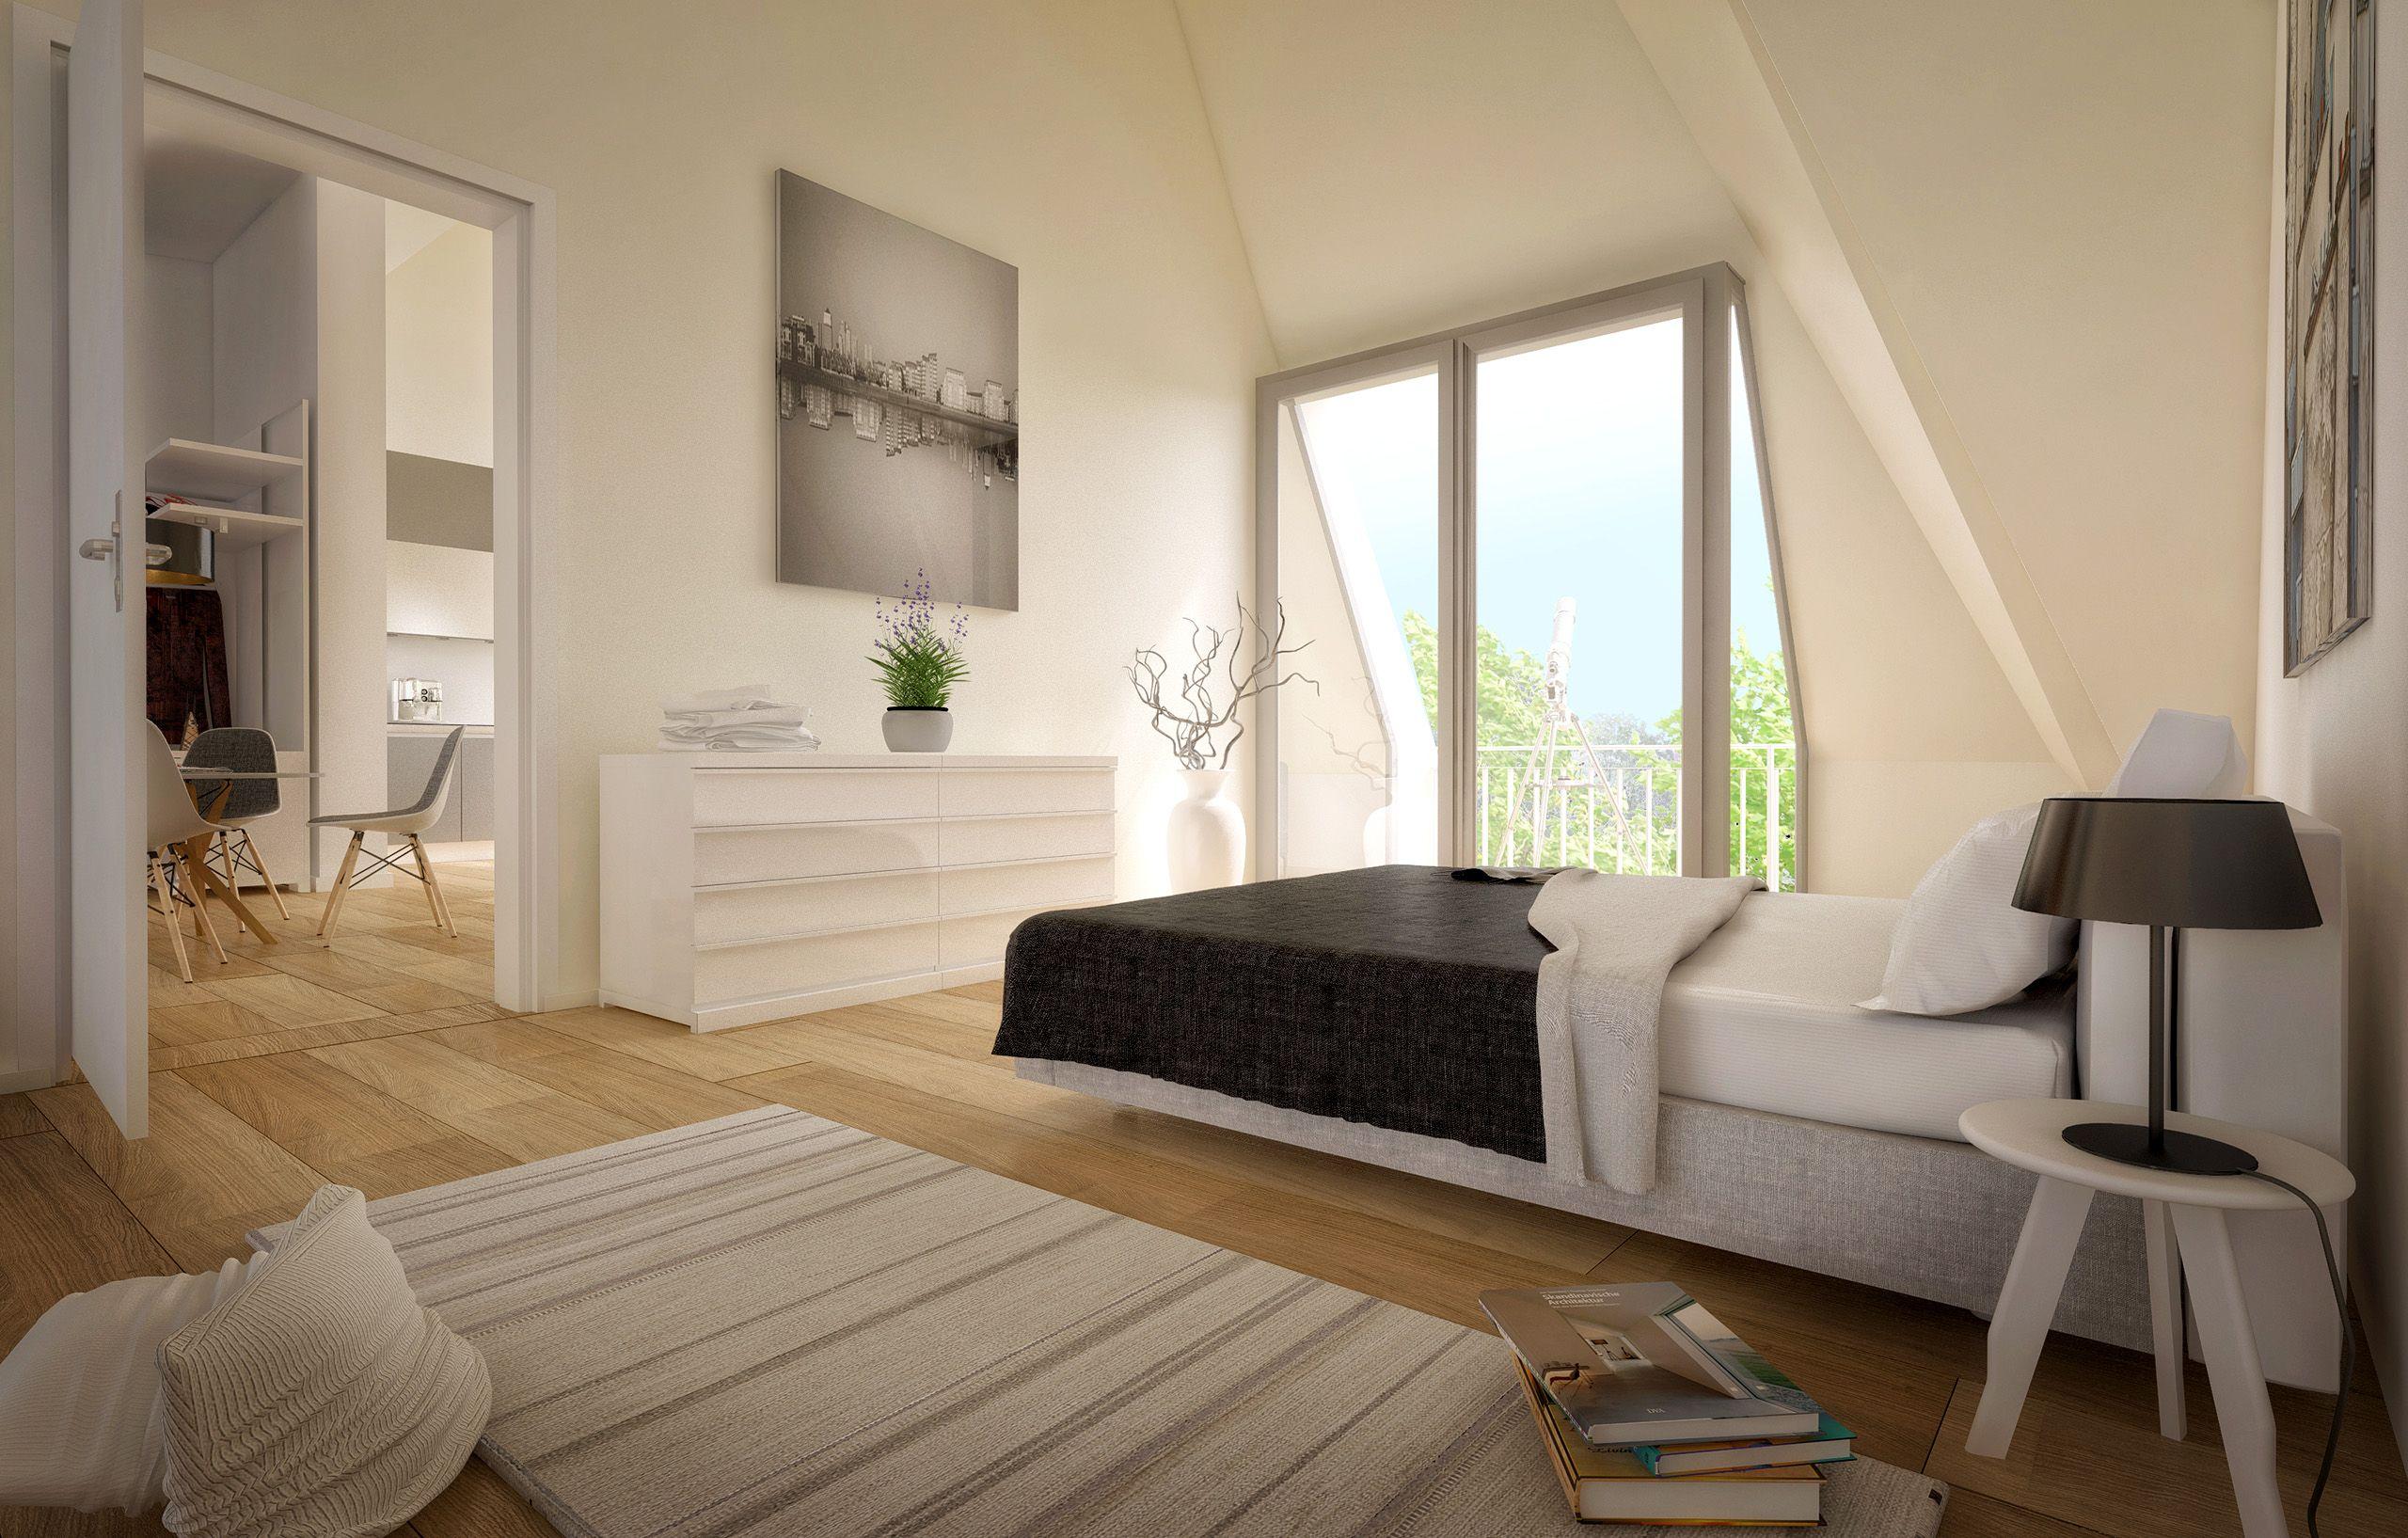 Visualisierung Berlin interior berlin bedroom friedrichshain danizgerstraße